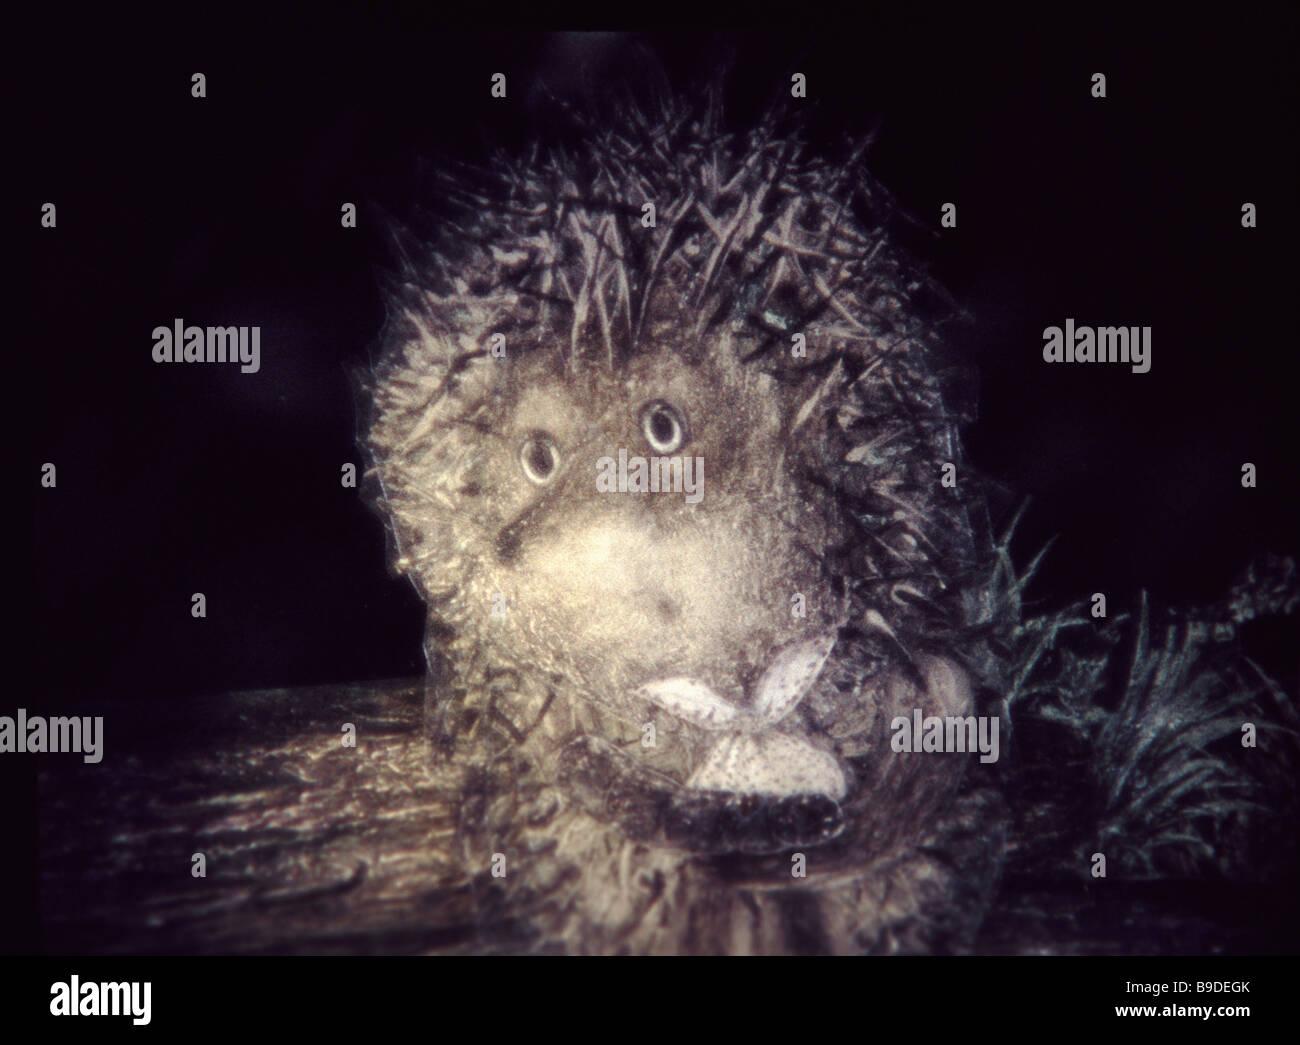 Hedgehog cartoon stock photos & hedgehog cartoon stock images alamy